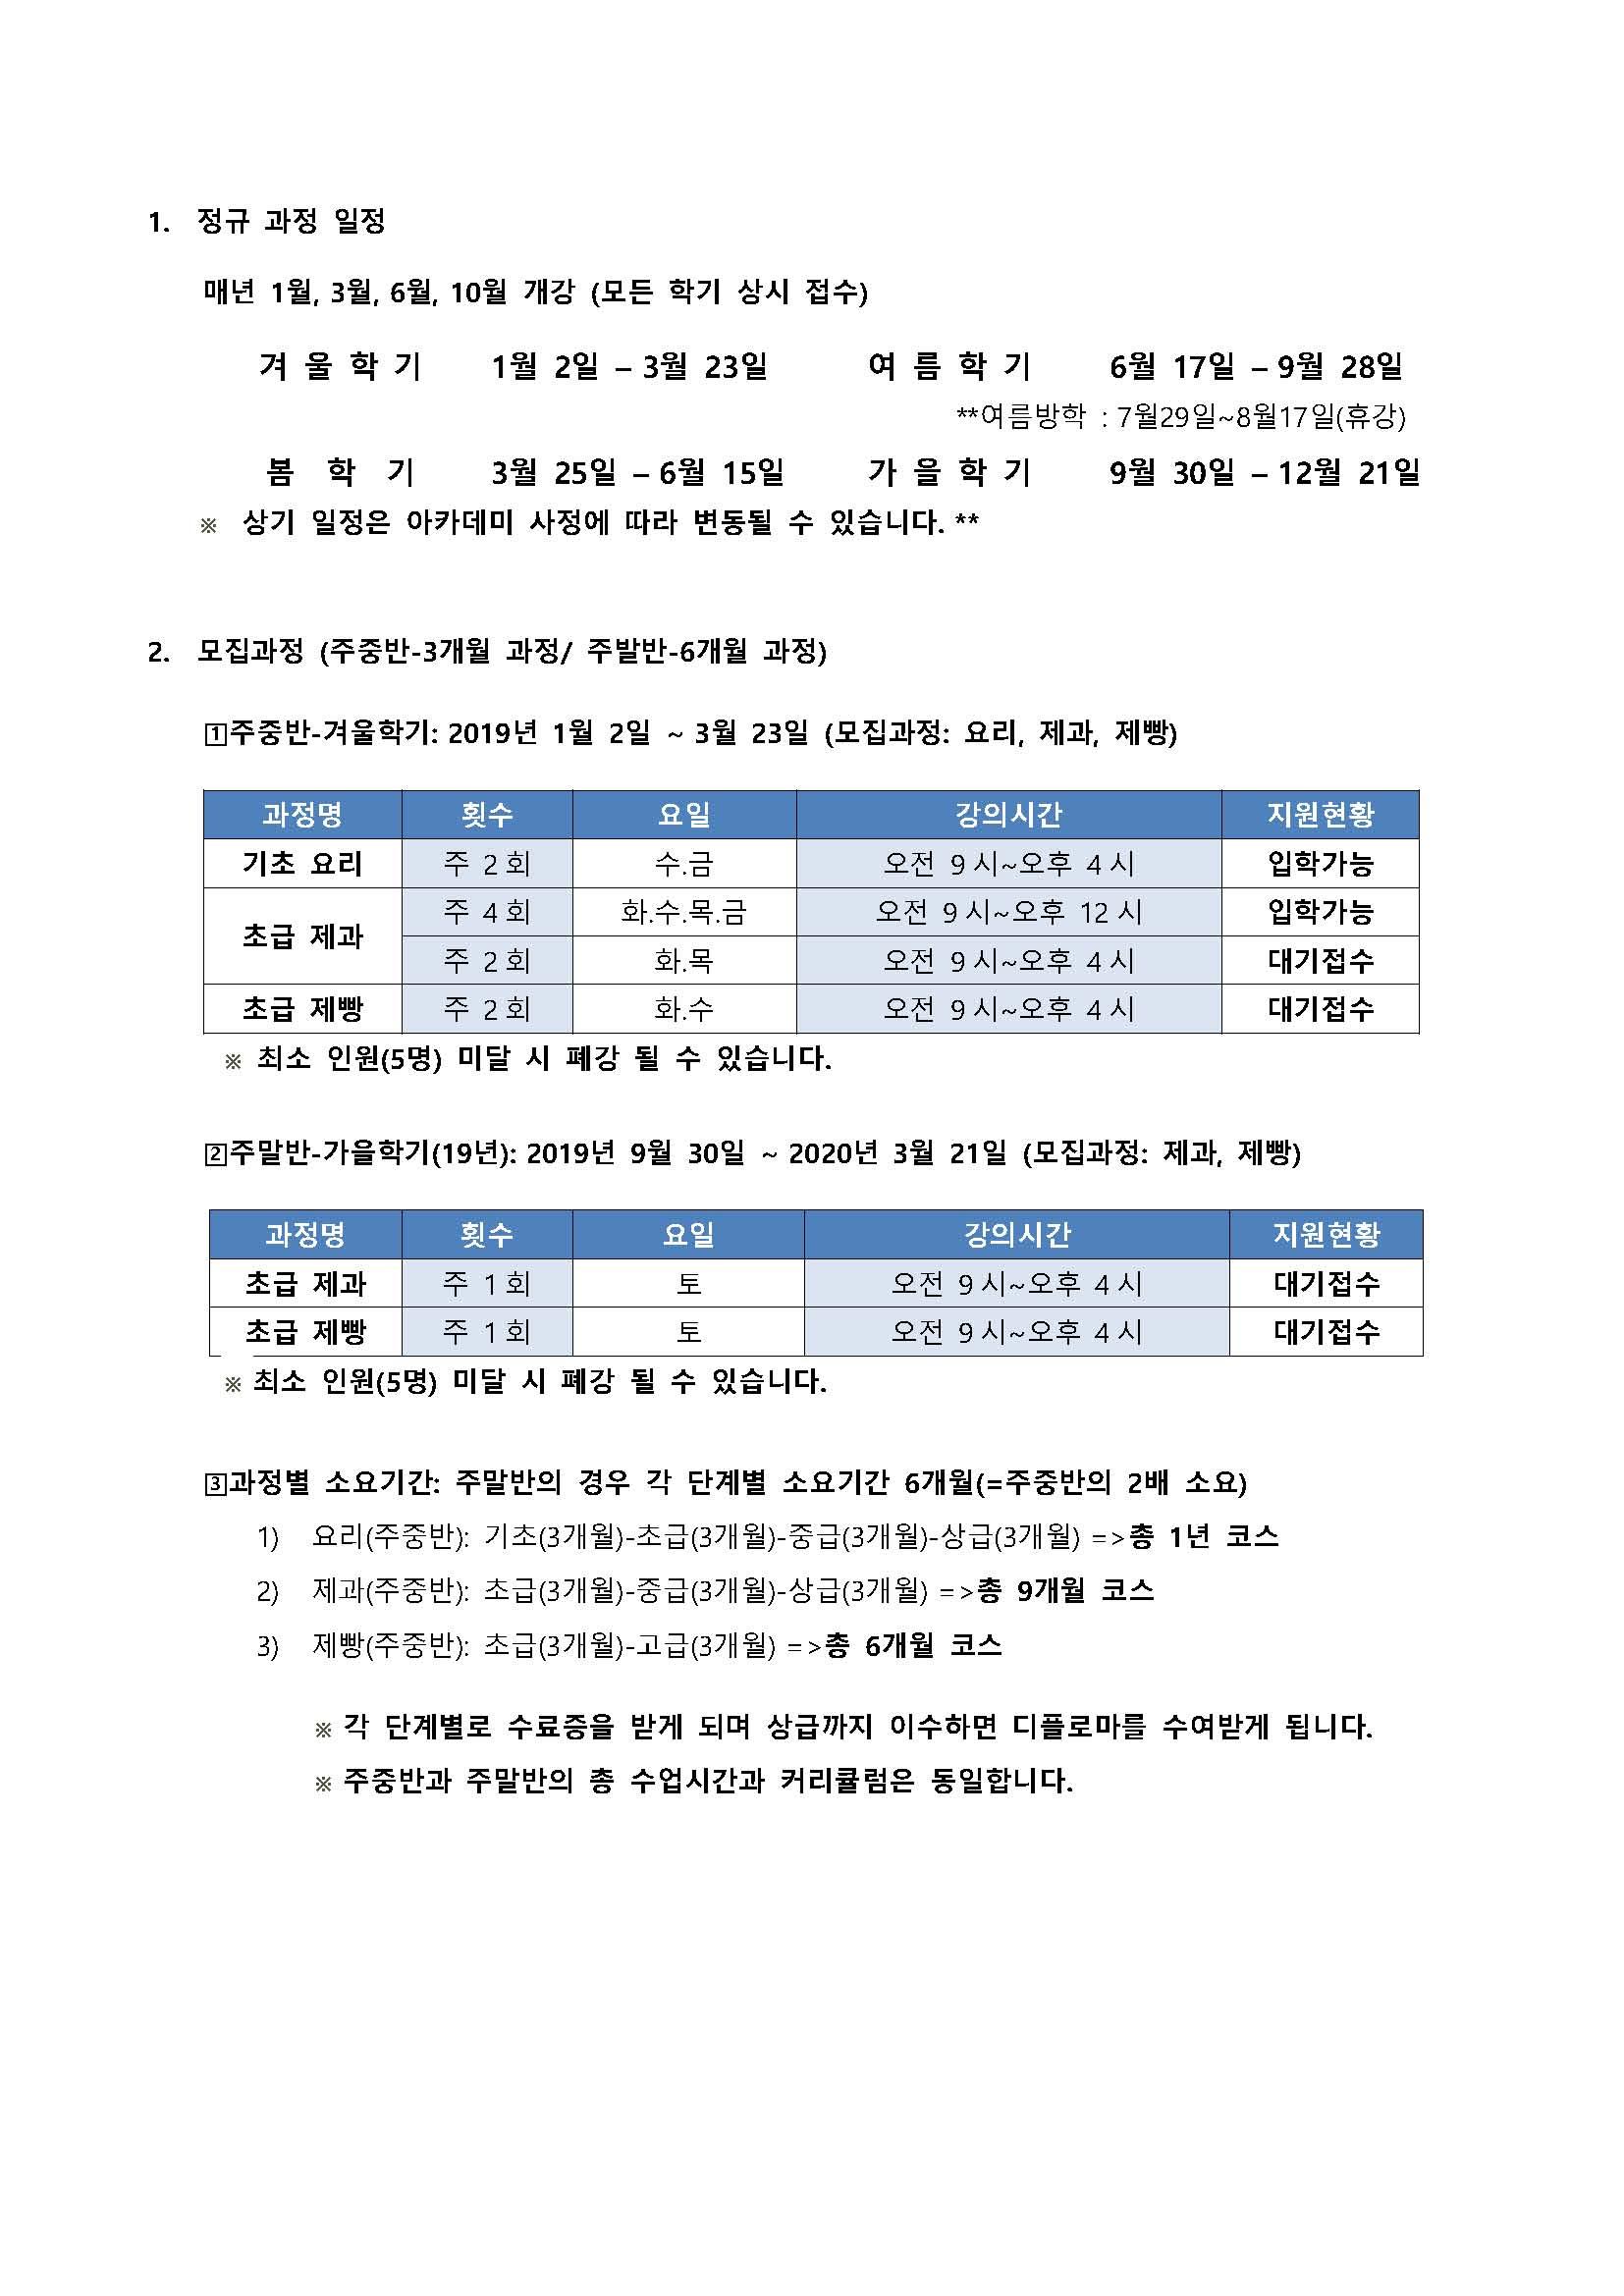 입학안내 (18년 겨울학기)_페이지_2.jpg